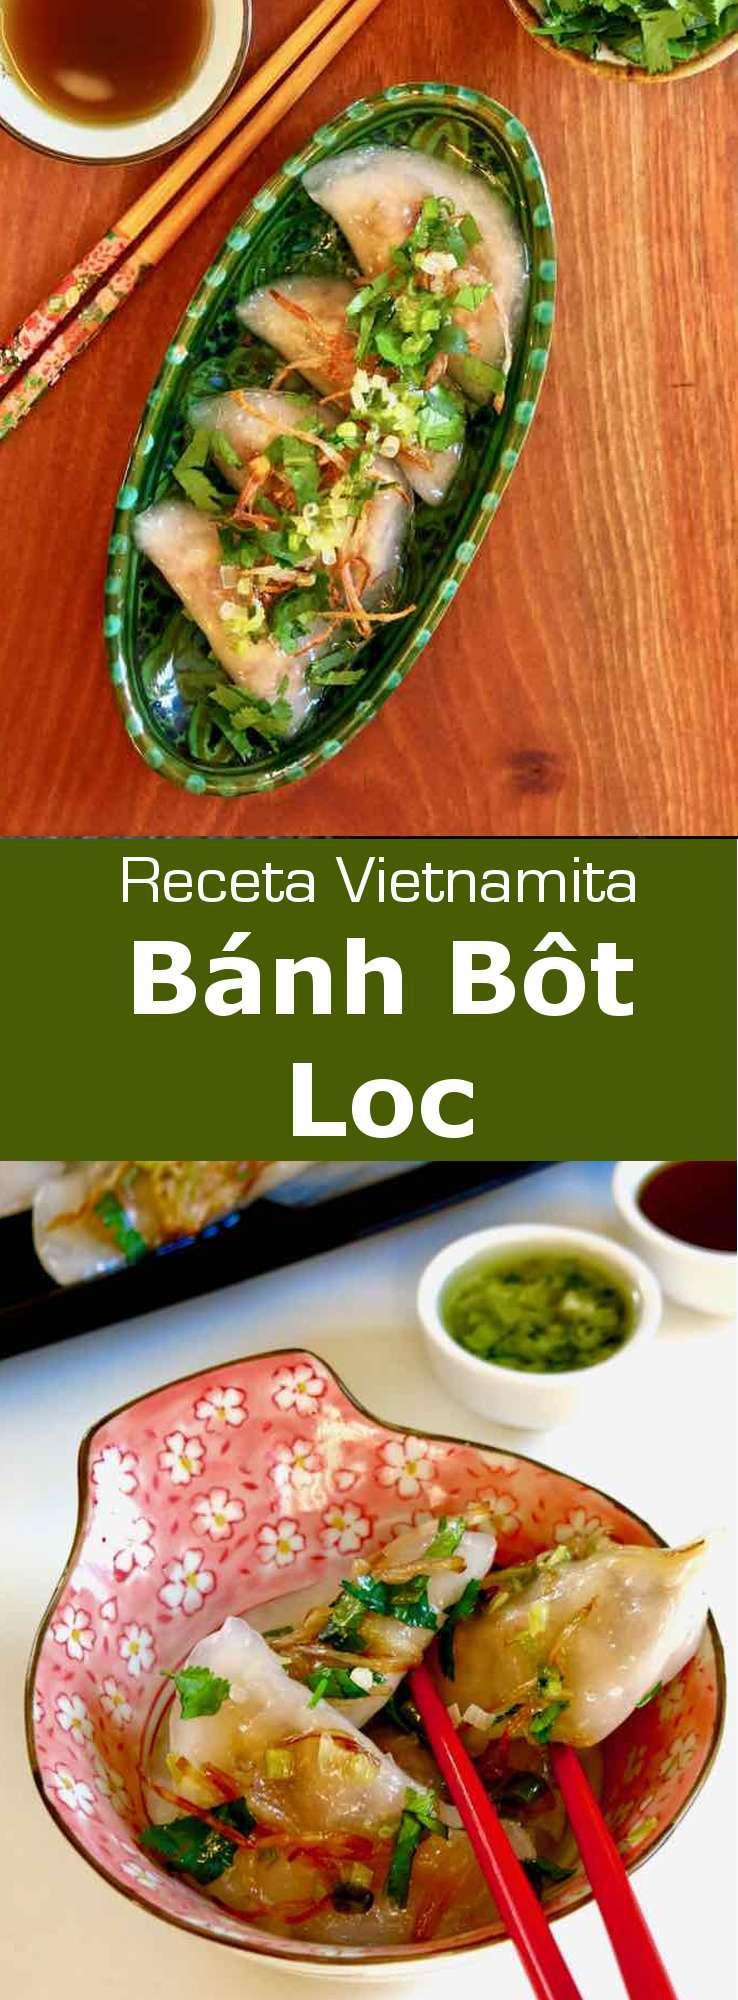 Los bánh bột lọc son raviolis de tapioca vietnamitas translúcidos. Tradicionalmente, se rellenan con camarones y panza de cerdo.